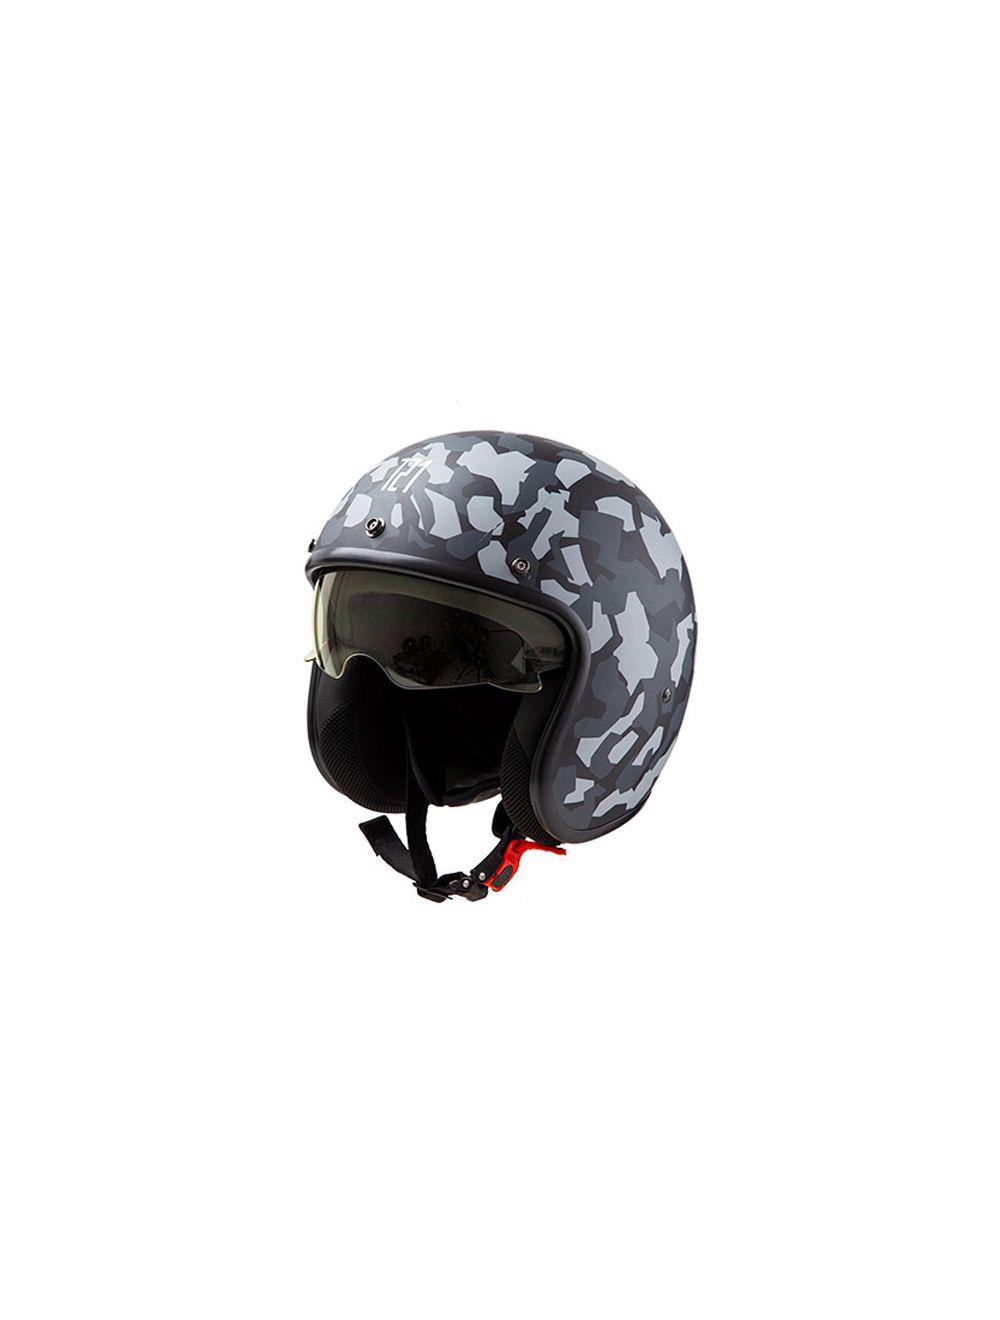 casco hawk 721 abierto camou kiev negro/gris mate talle s